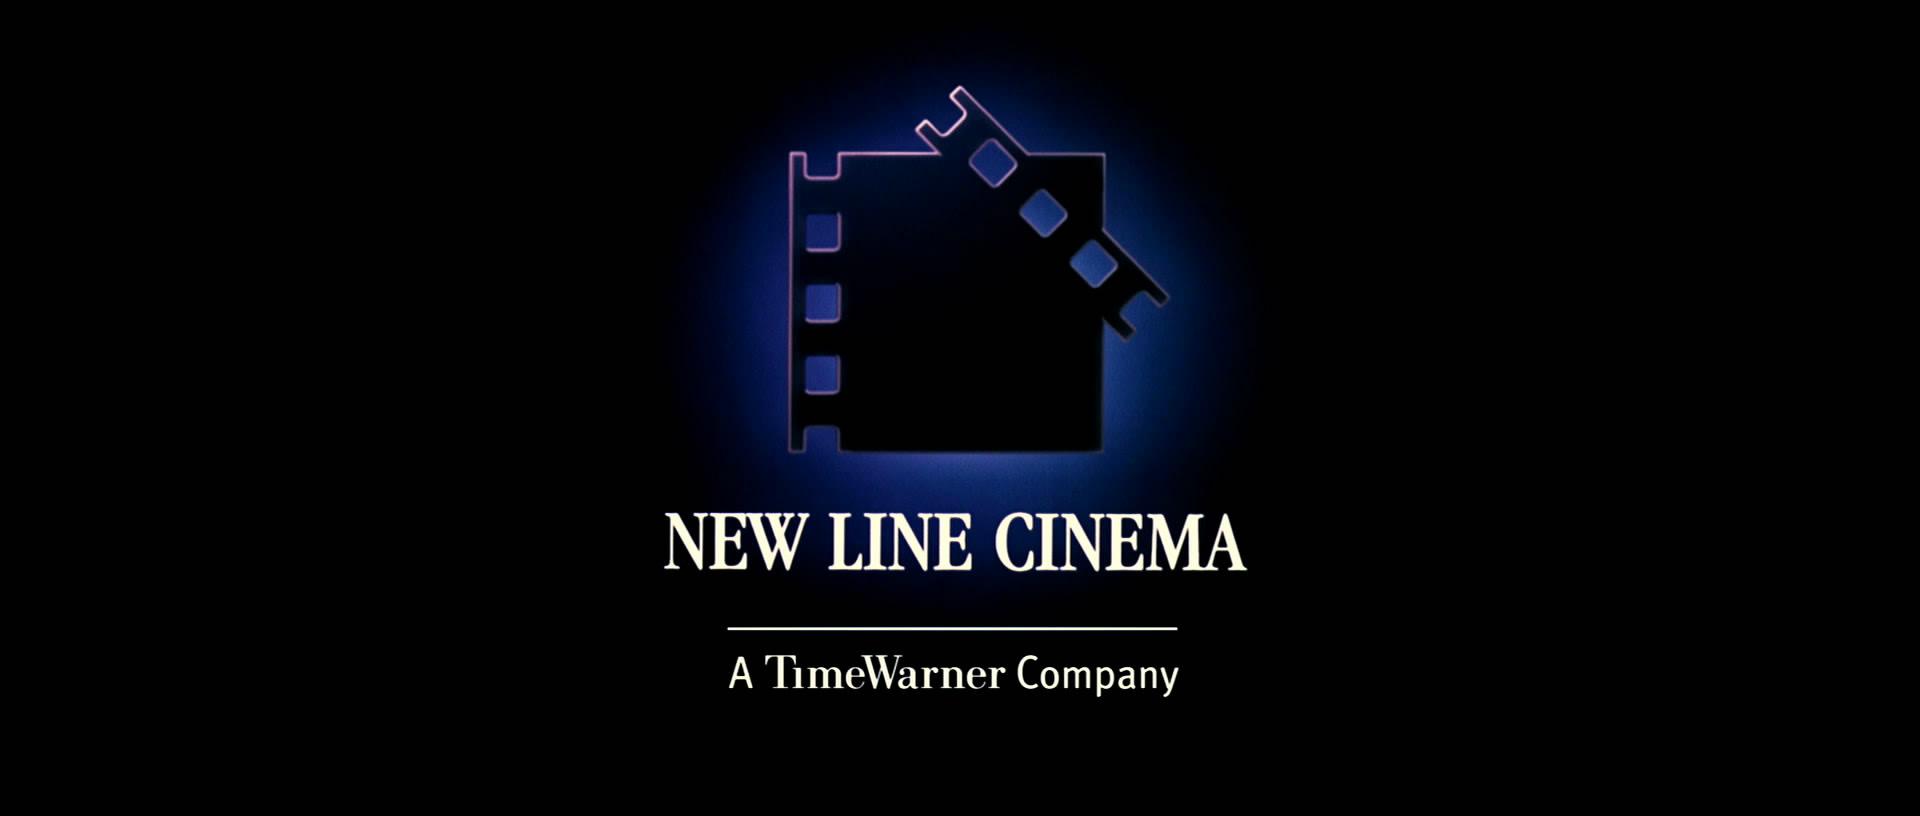 Resultado de imagem para new line cinema logo